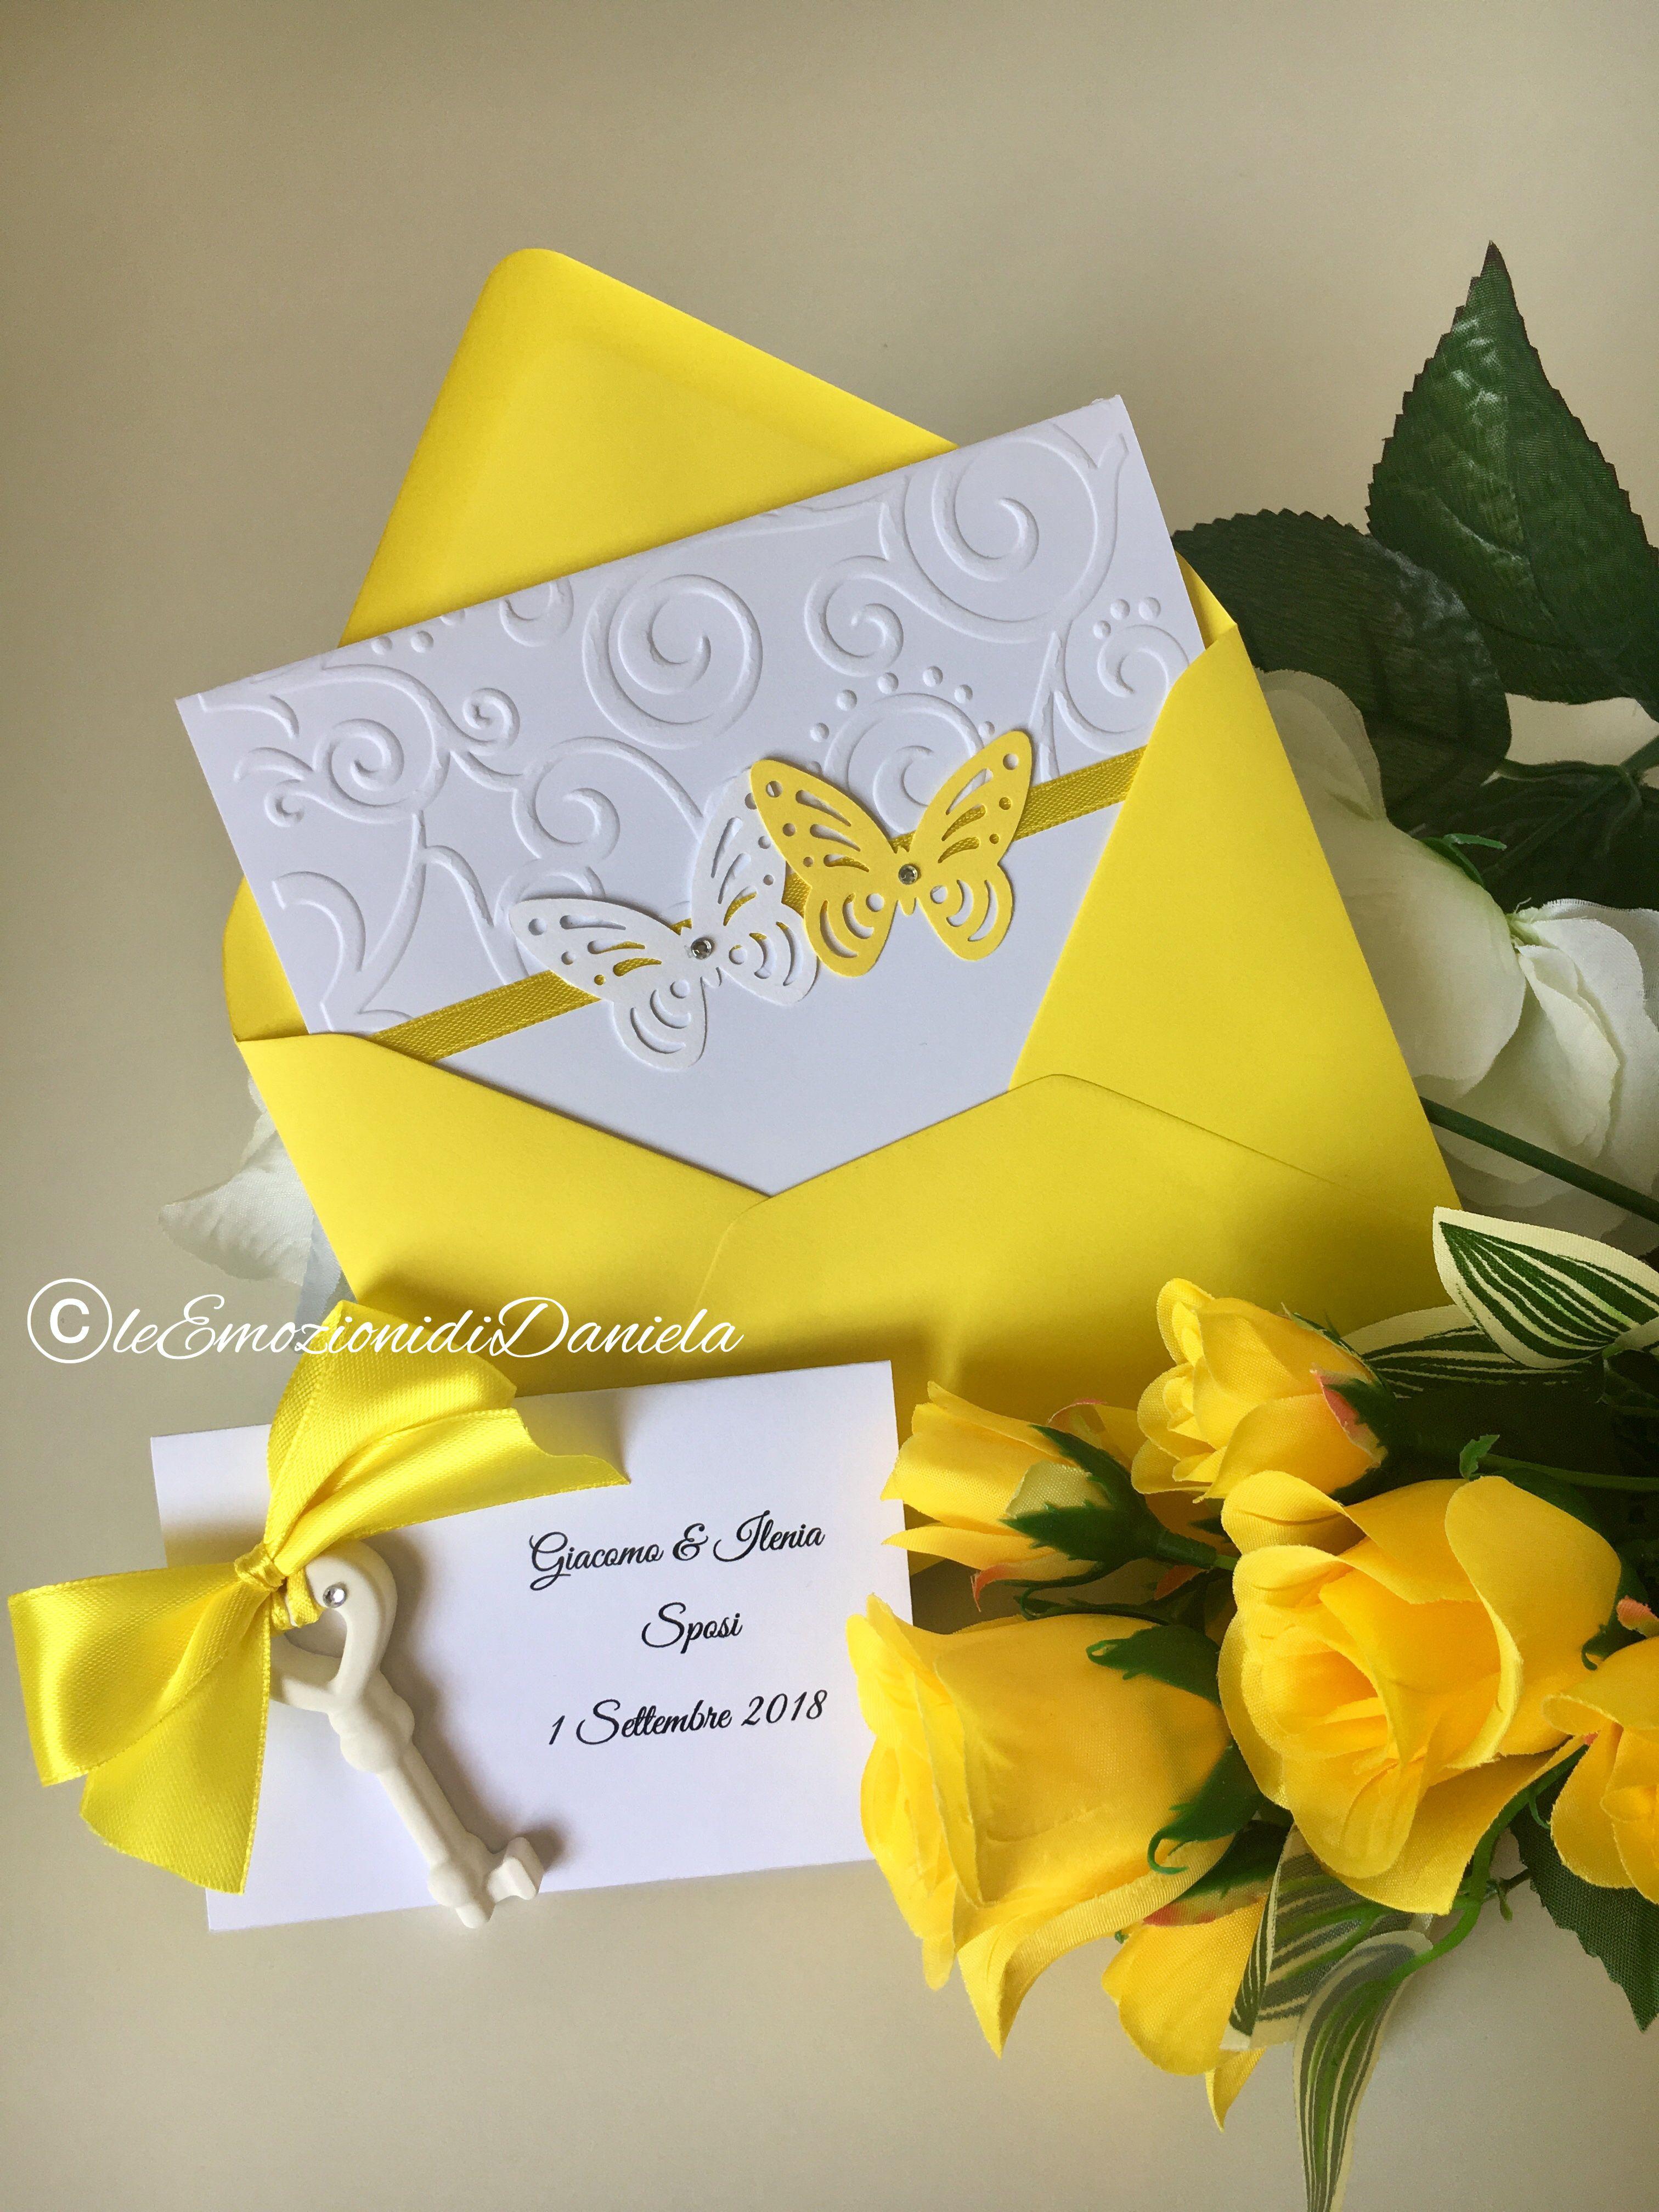 Partecipazioni Matrimonio Gialle.Partecipazione Matrimonio Bianca E Gialla Yellow And White